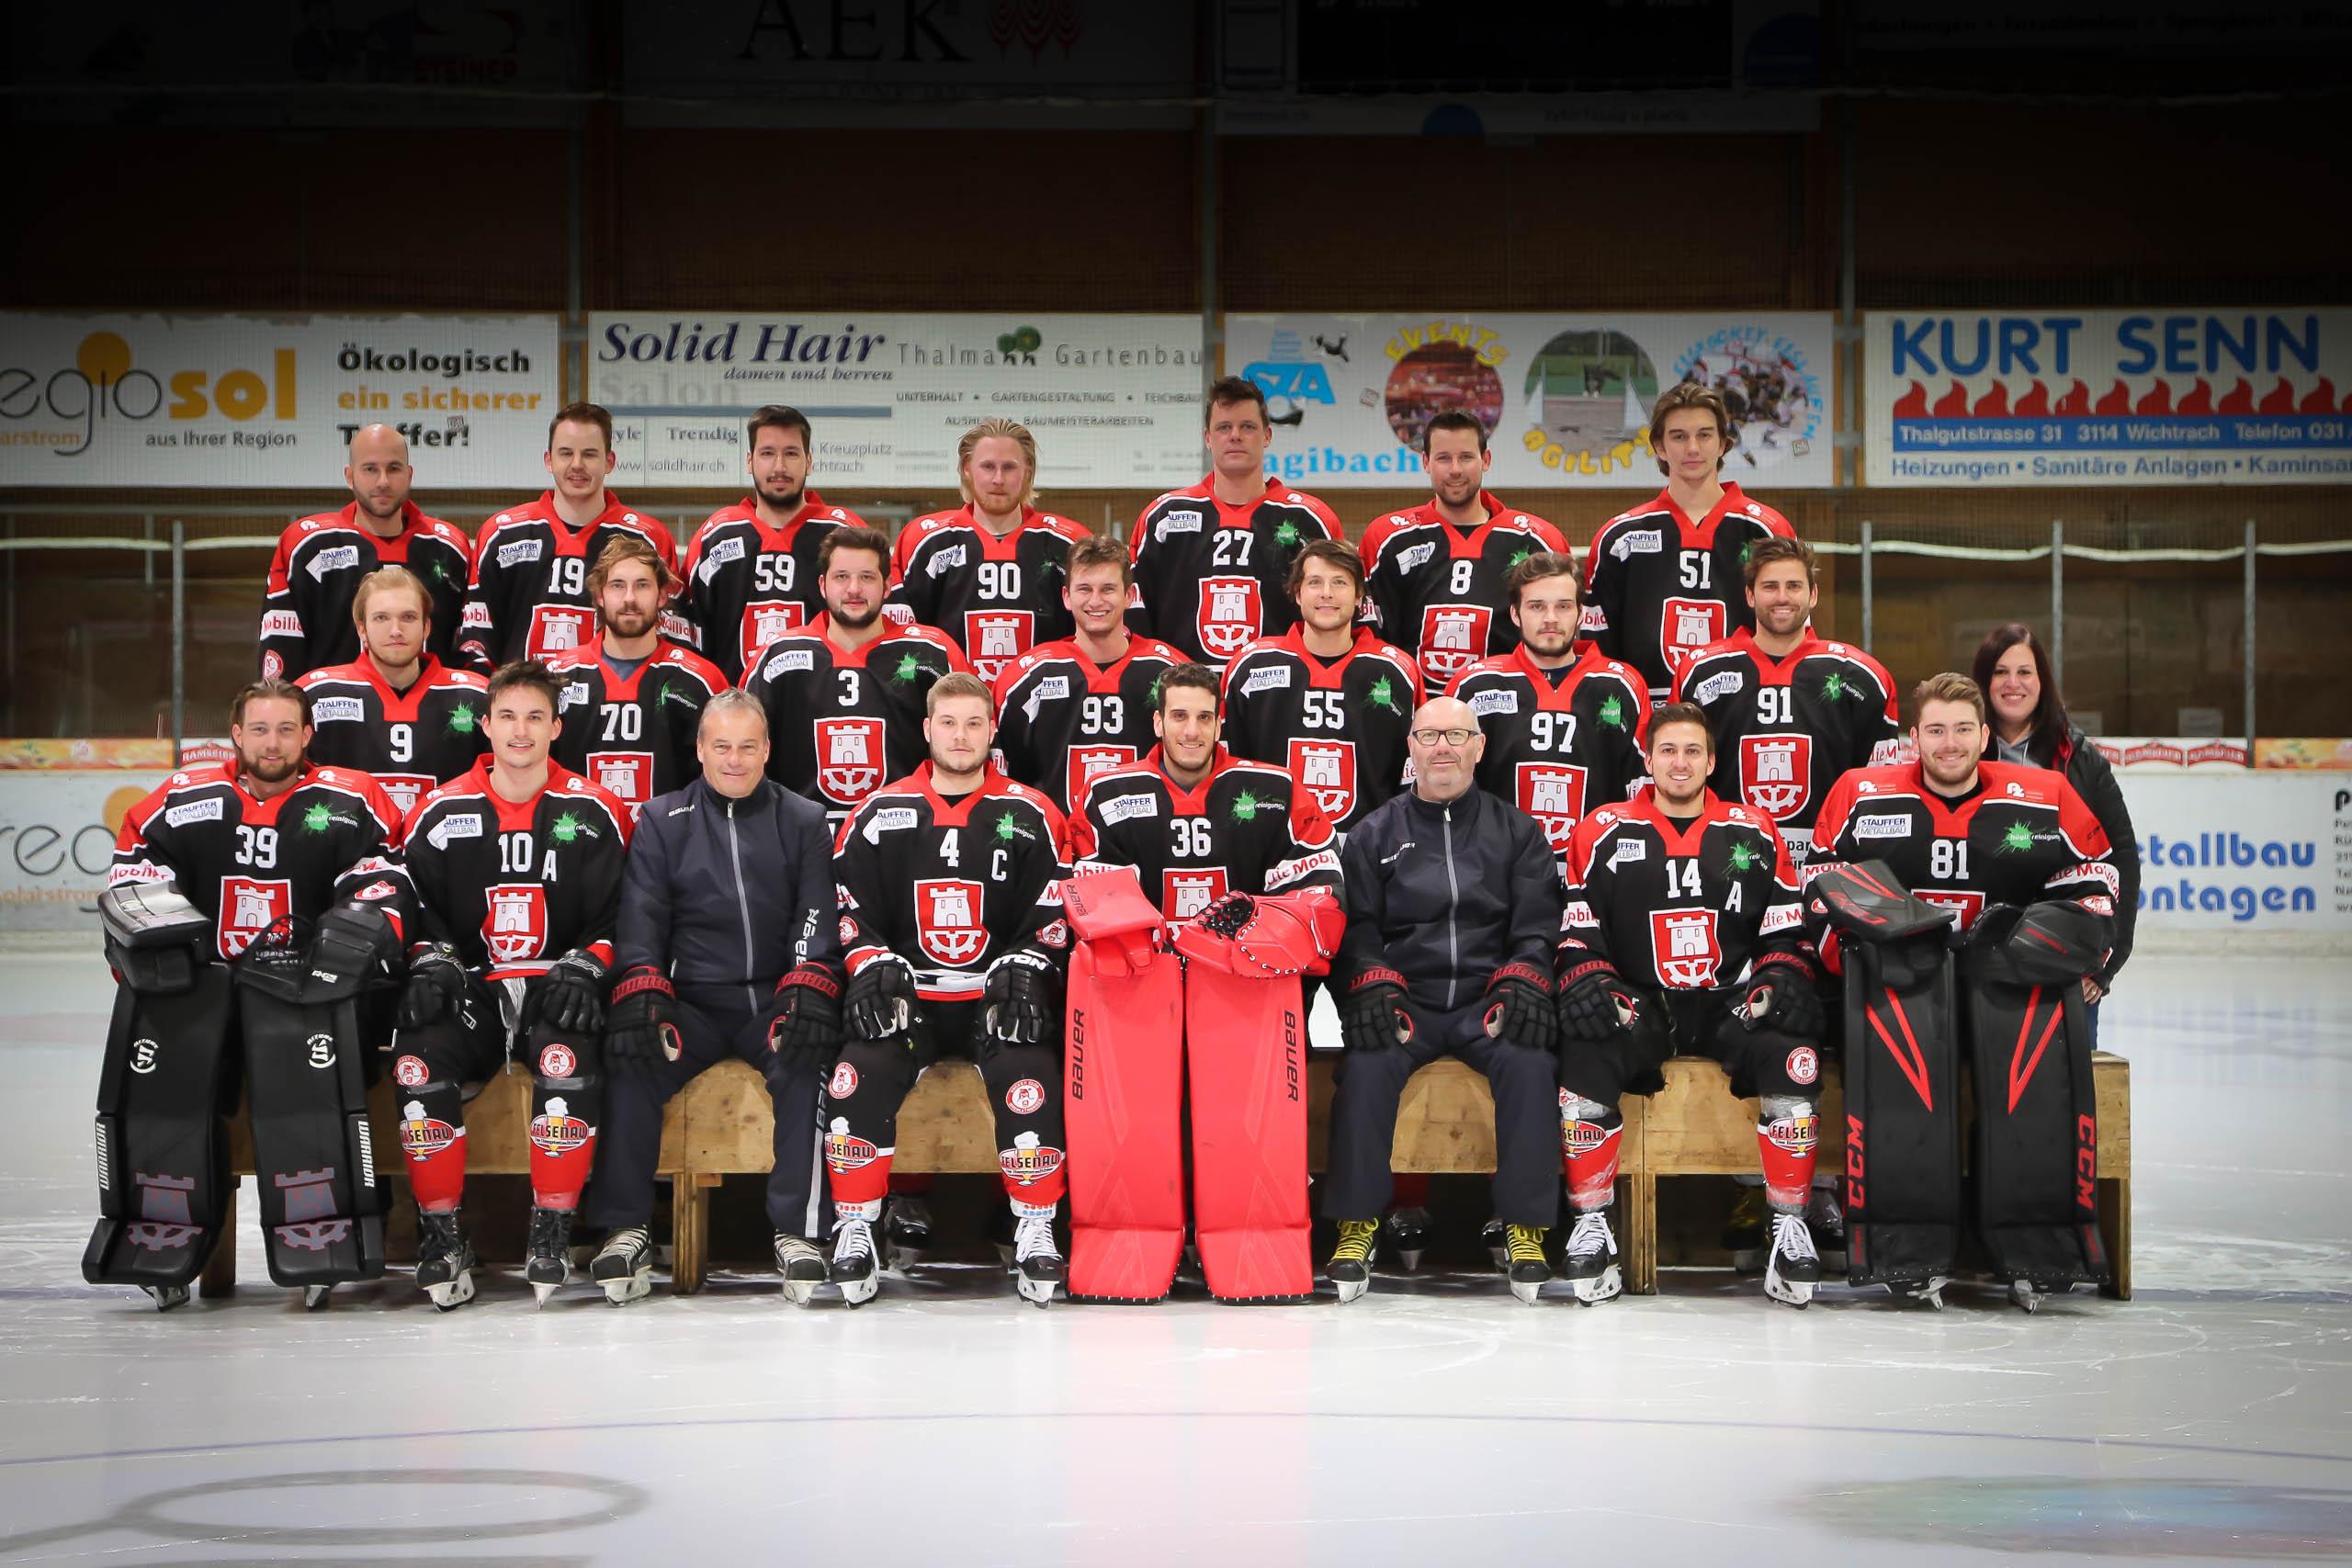 Teamfoto 1. Mannschaft